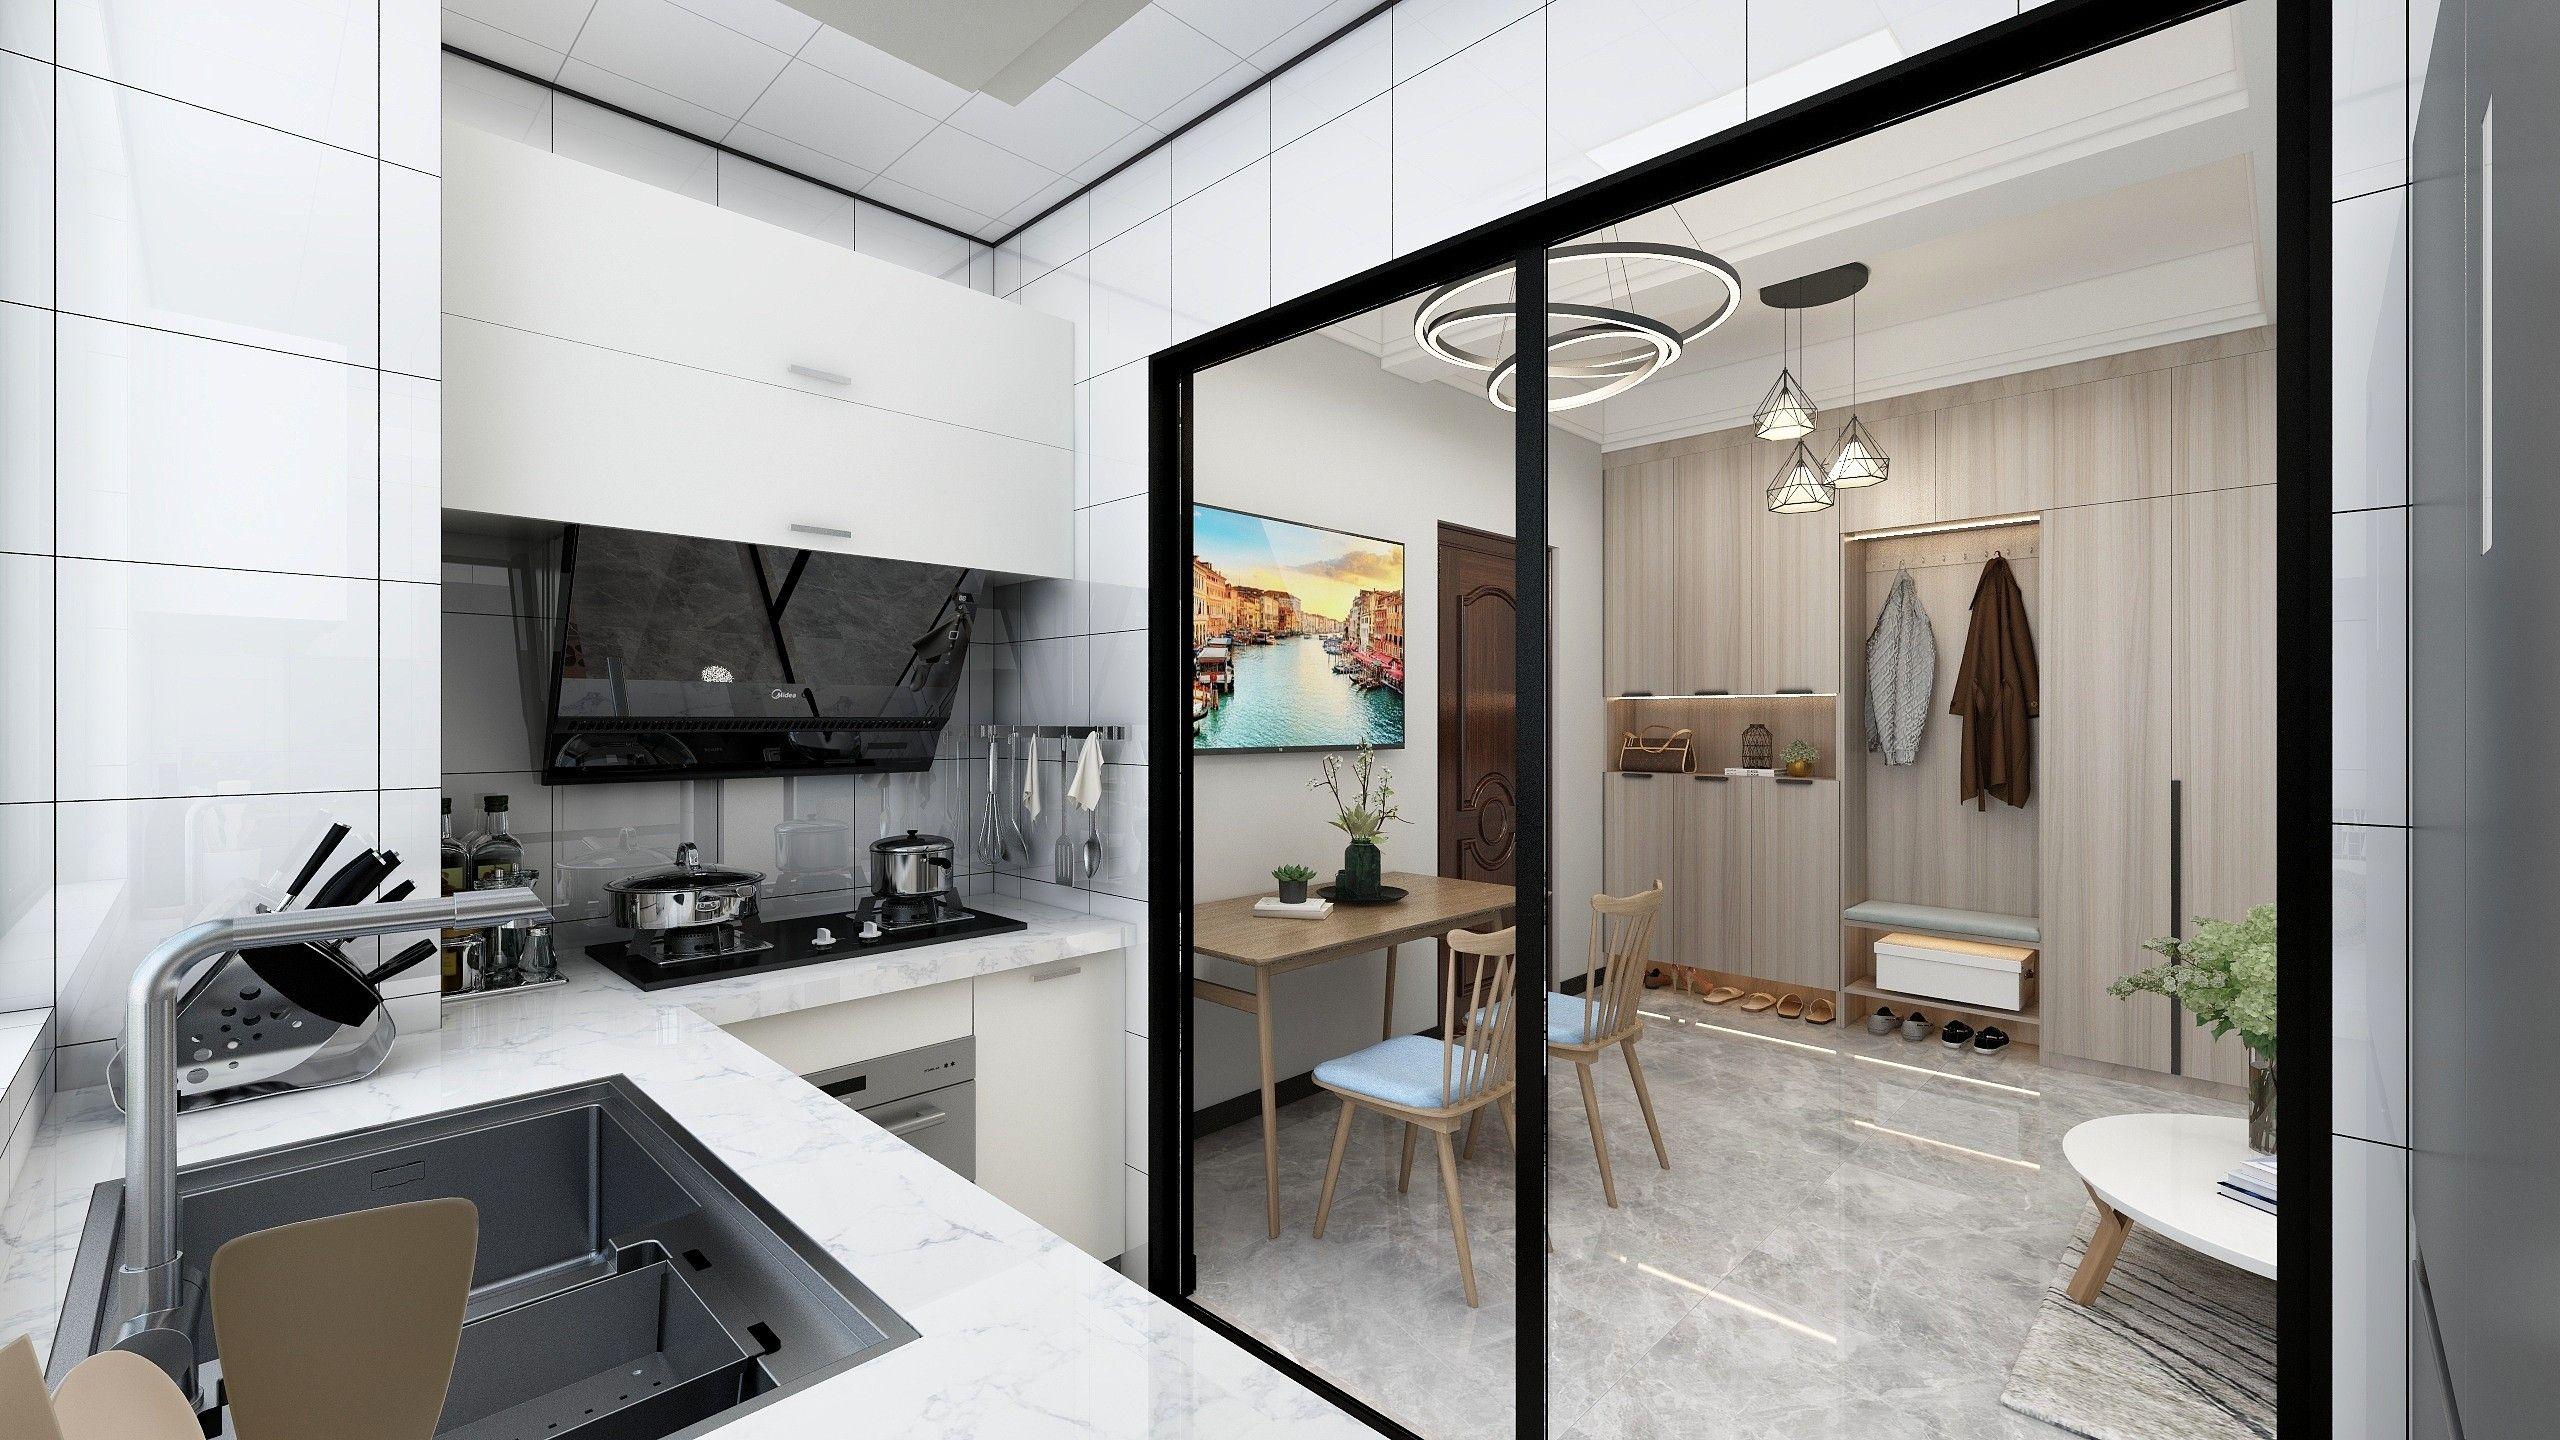 北欧小清新室内设计 飞特网 原创室内设计